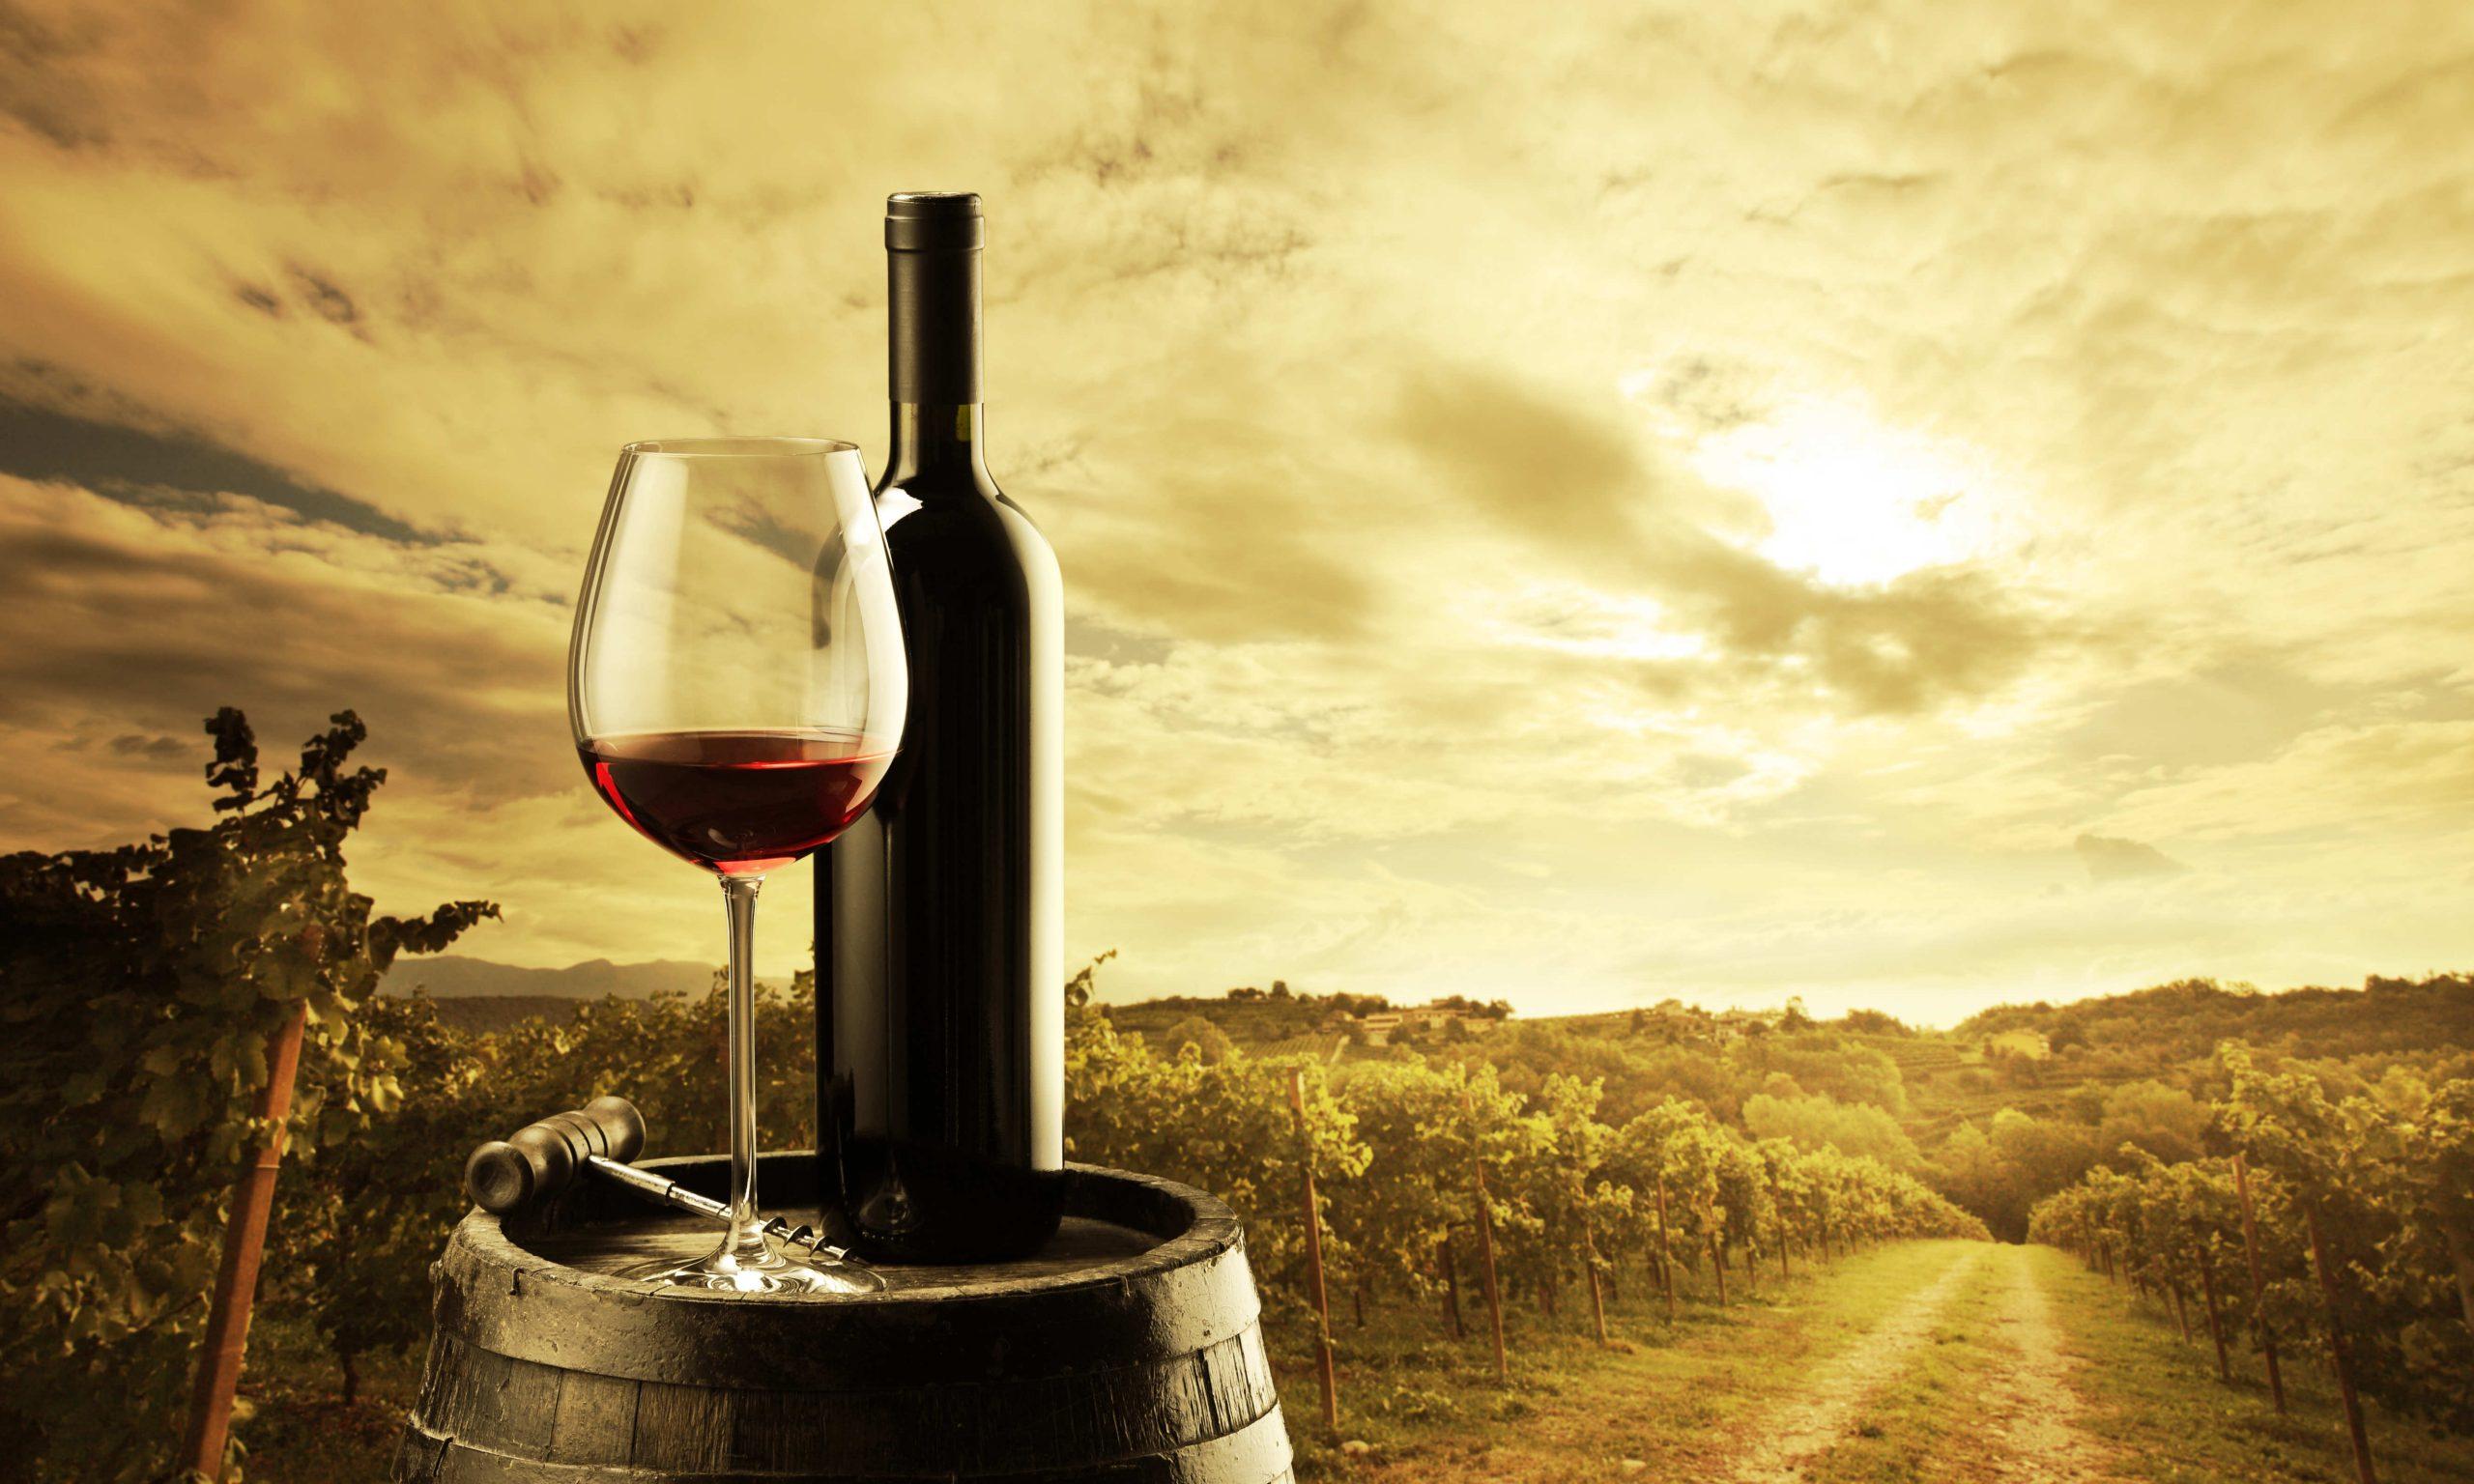 Únete al enoturismo y visita estas 5 rutas del vino en España